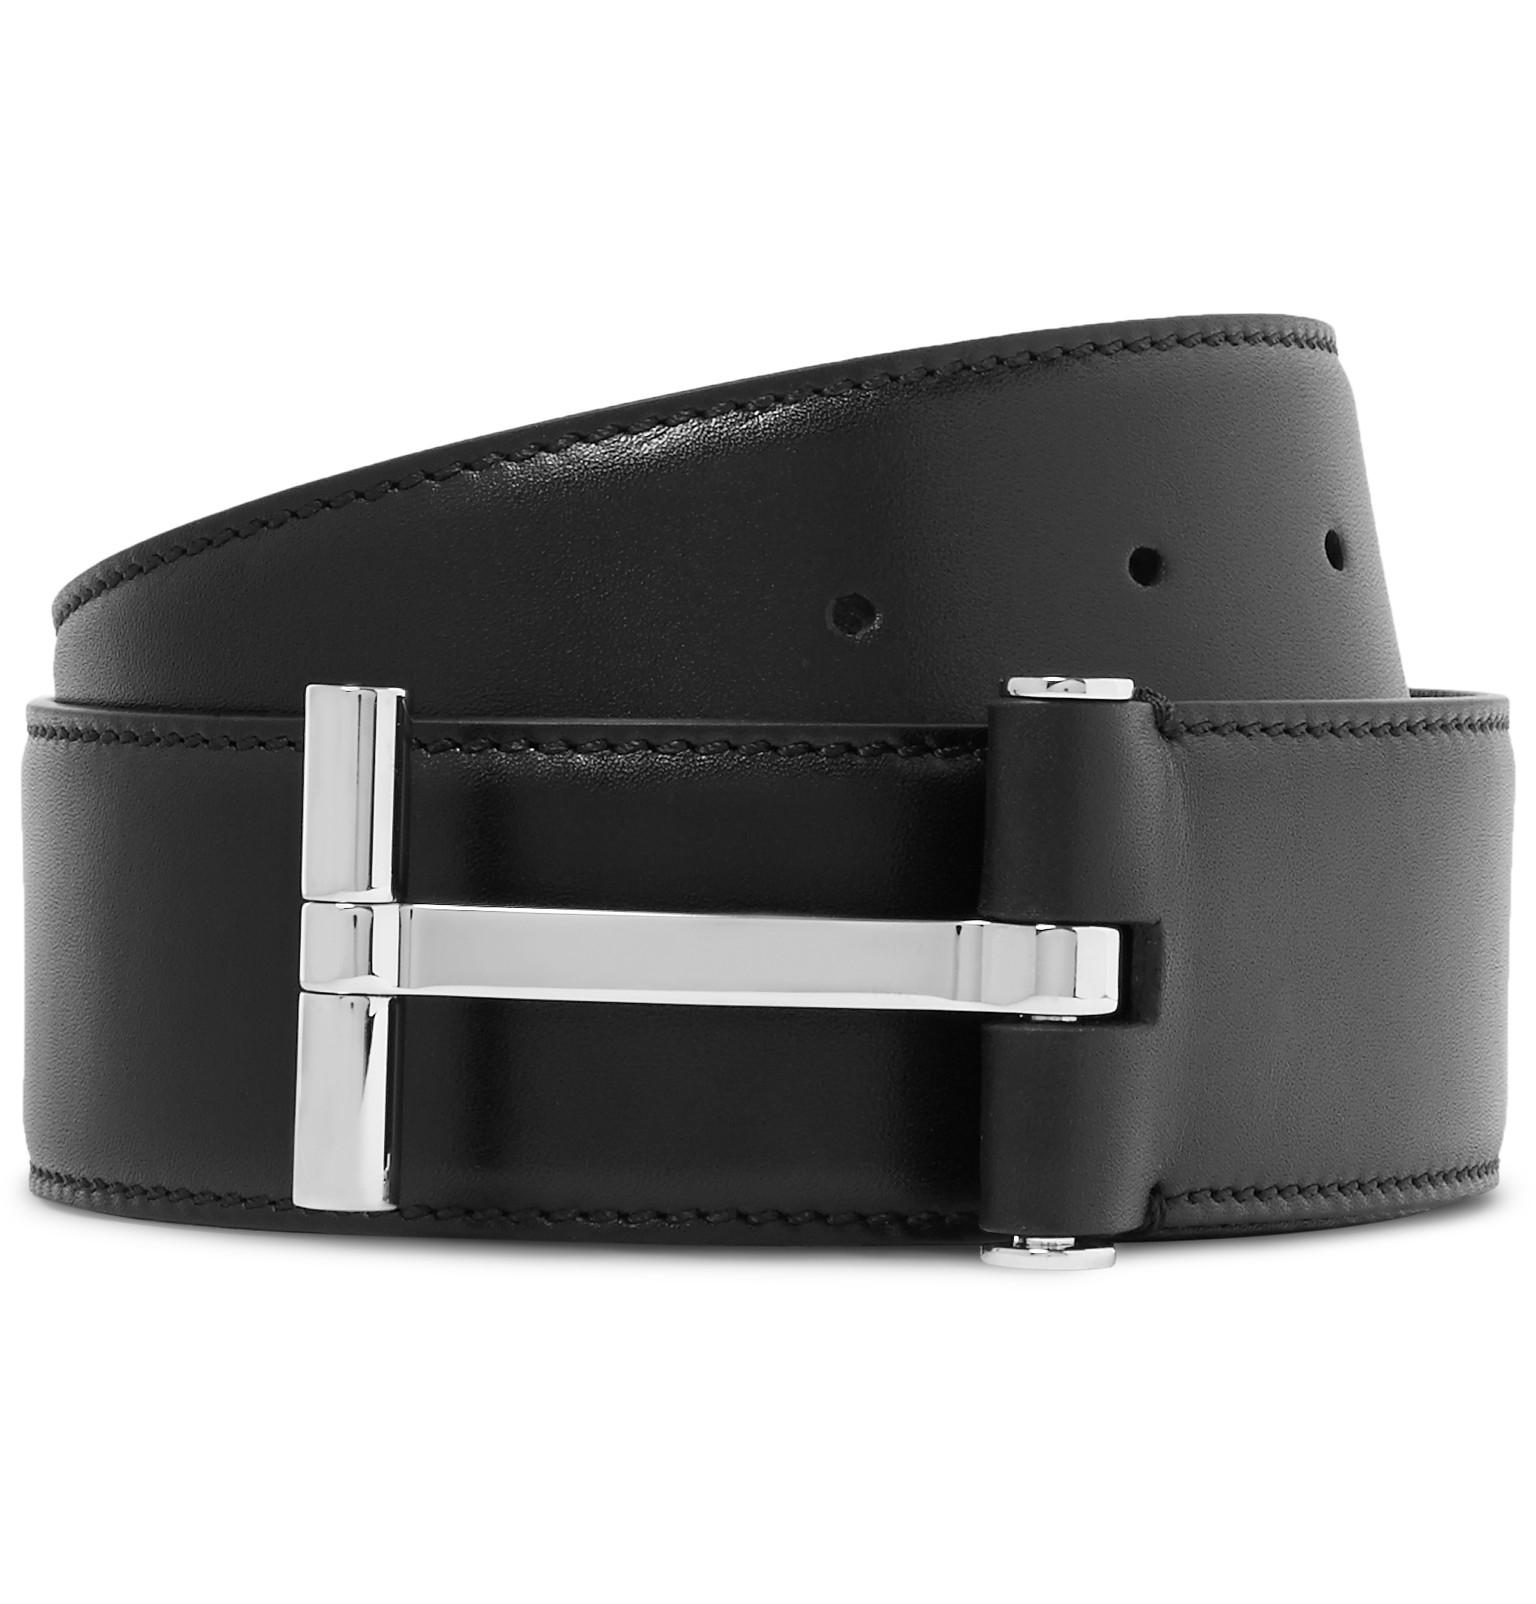 belts vestiaire plain black women belt accessories ford crocodile tom collective s